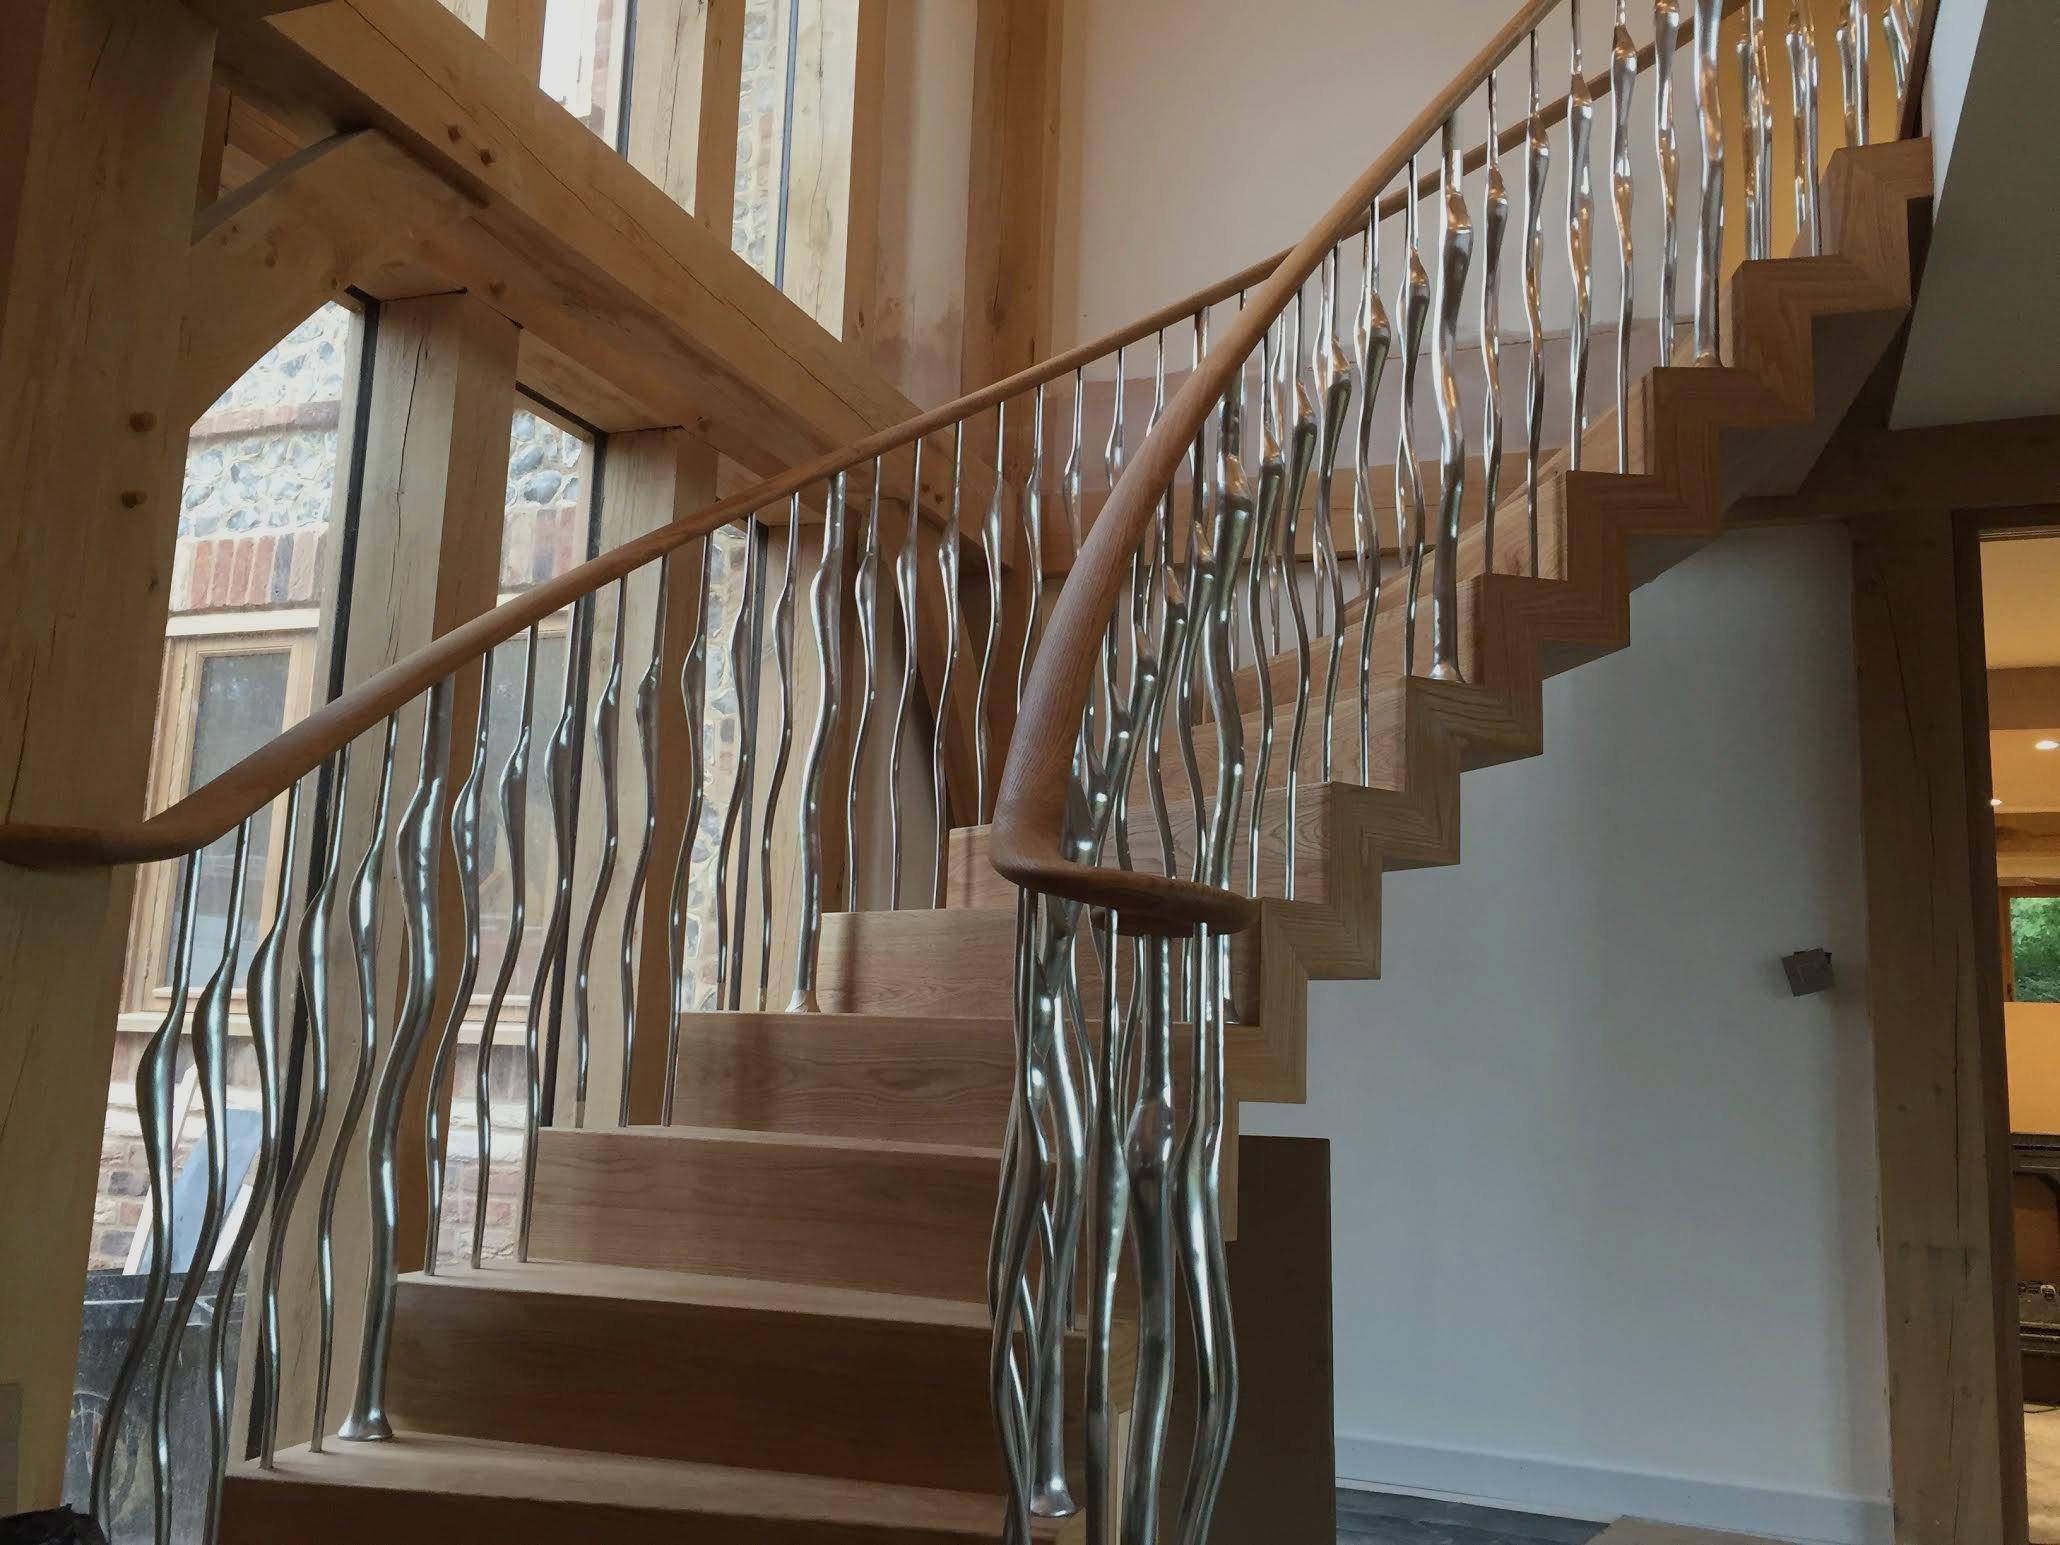 balustrade_stairs_dark Home